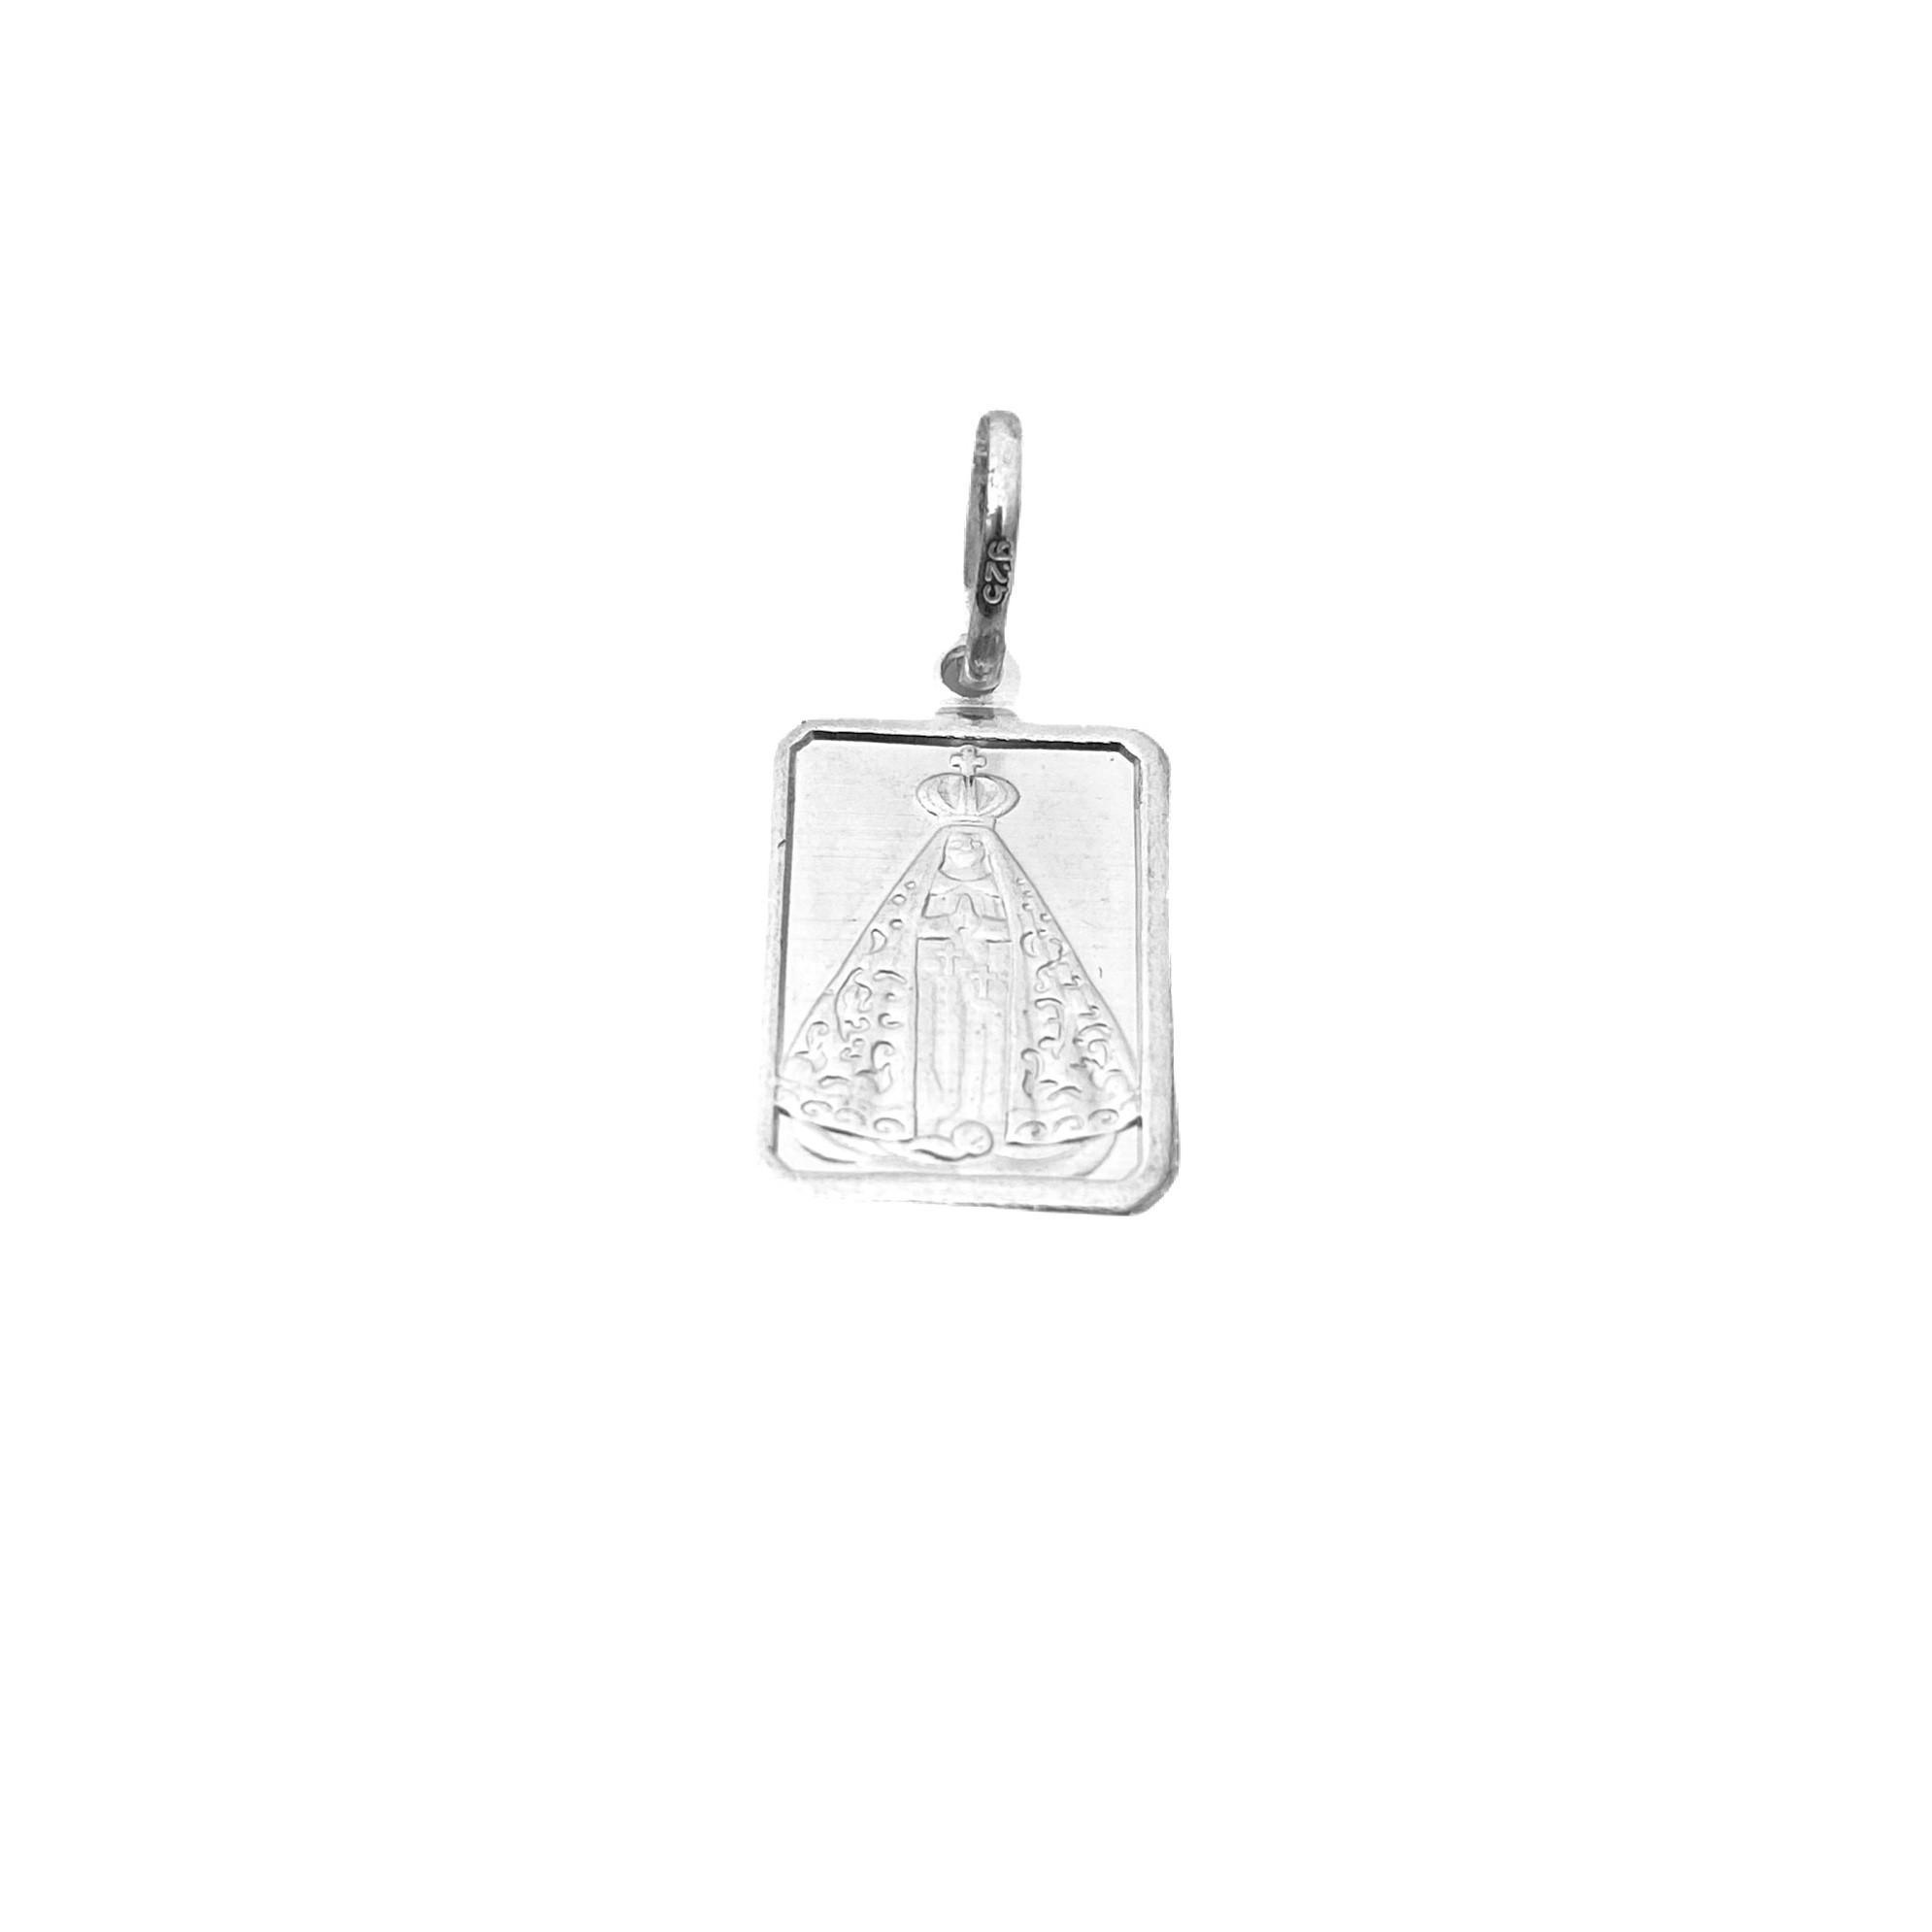 Pingente Placa Nossa Senhora Aparecida (1,9cmX1,3cm) (Prata 925 Italiana)